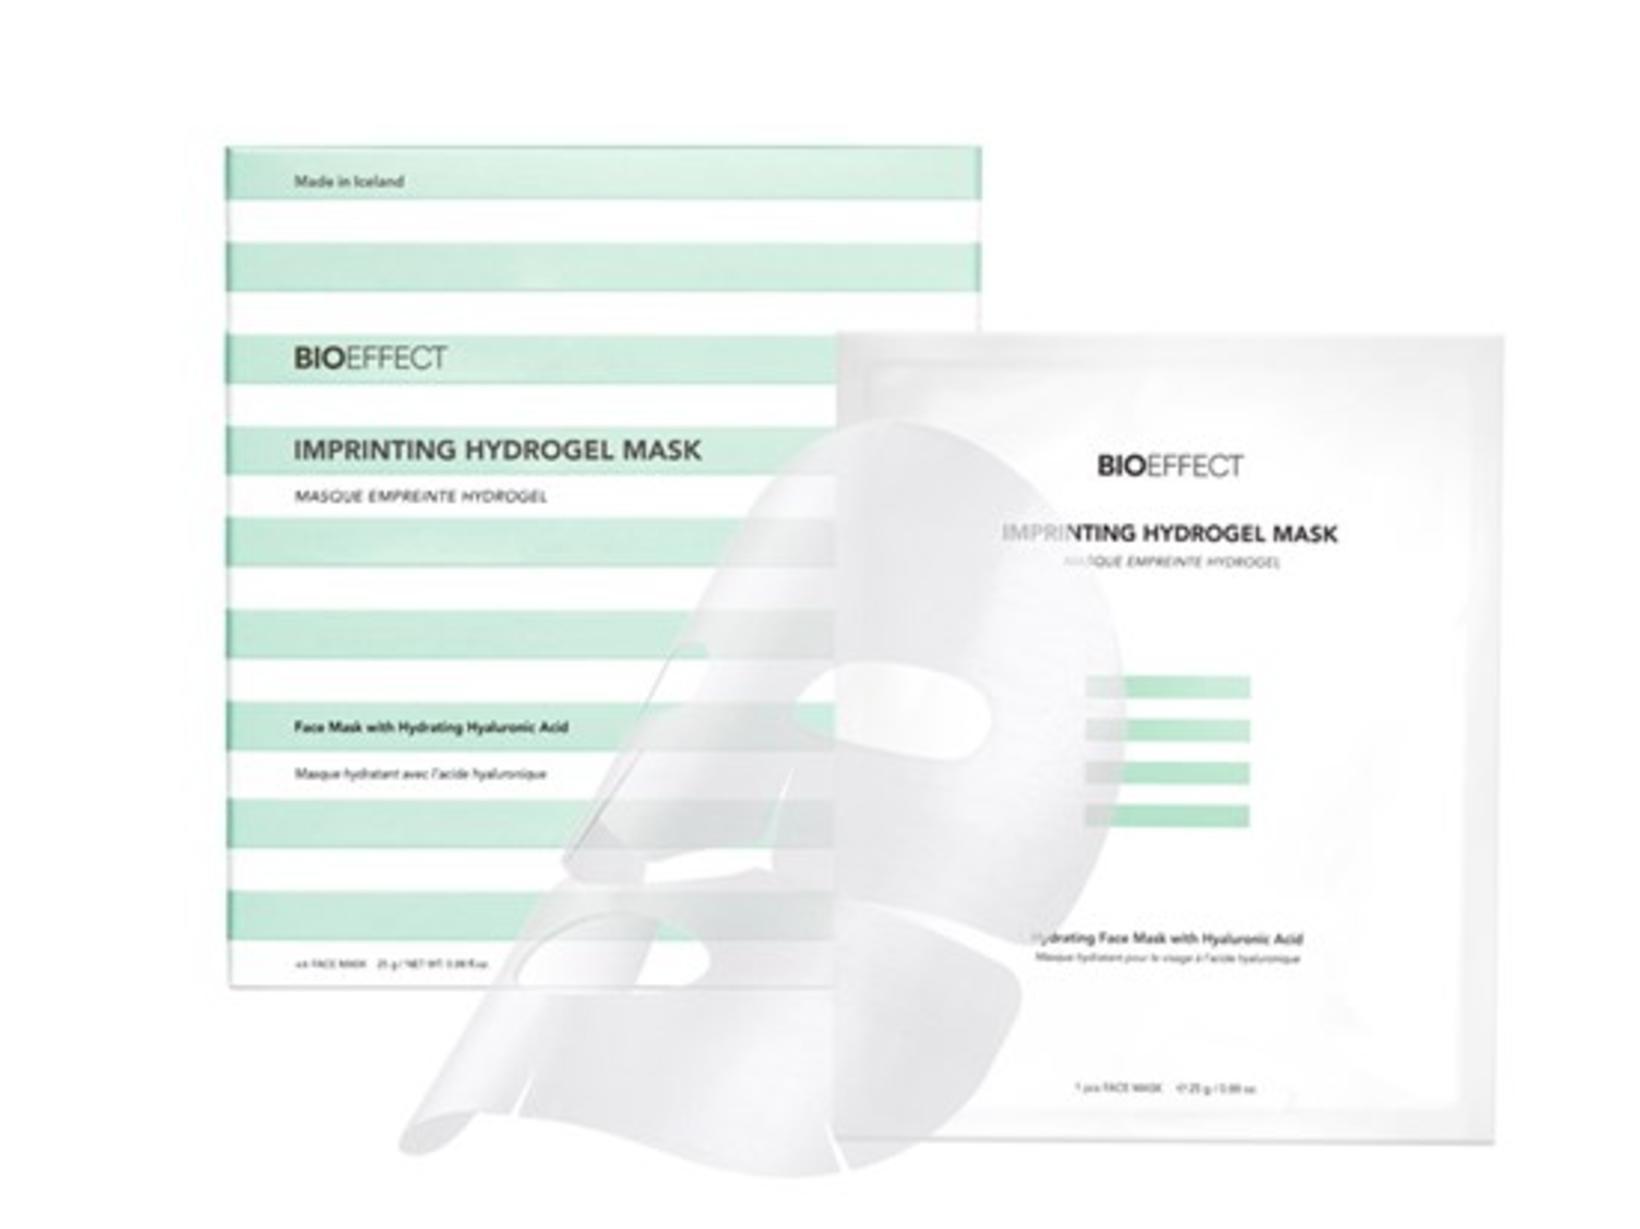 BIOEFFECT Imprinting Hydrogel Mask, 9.190 kr. (6 stykki)